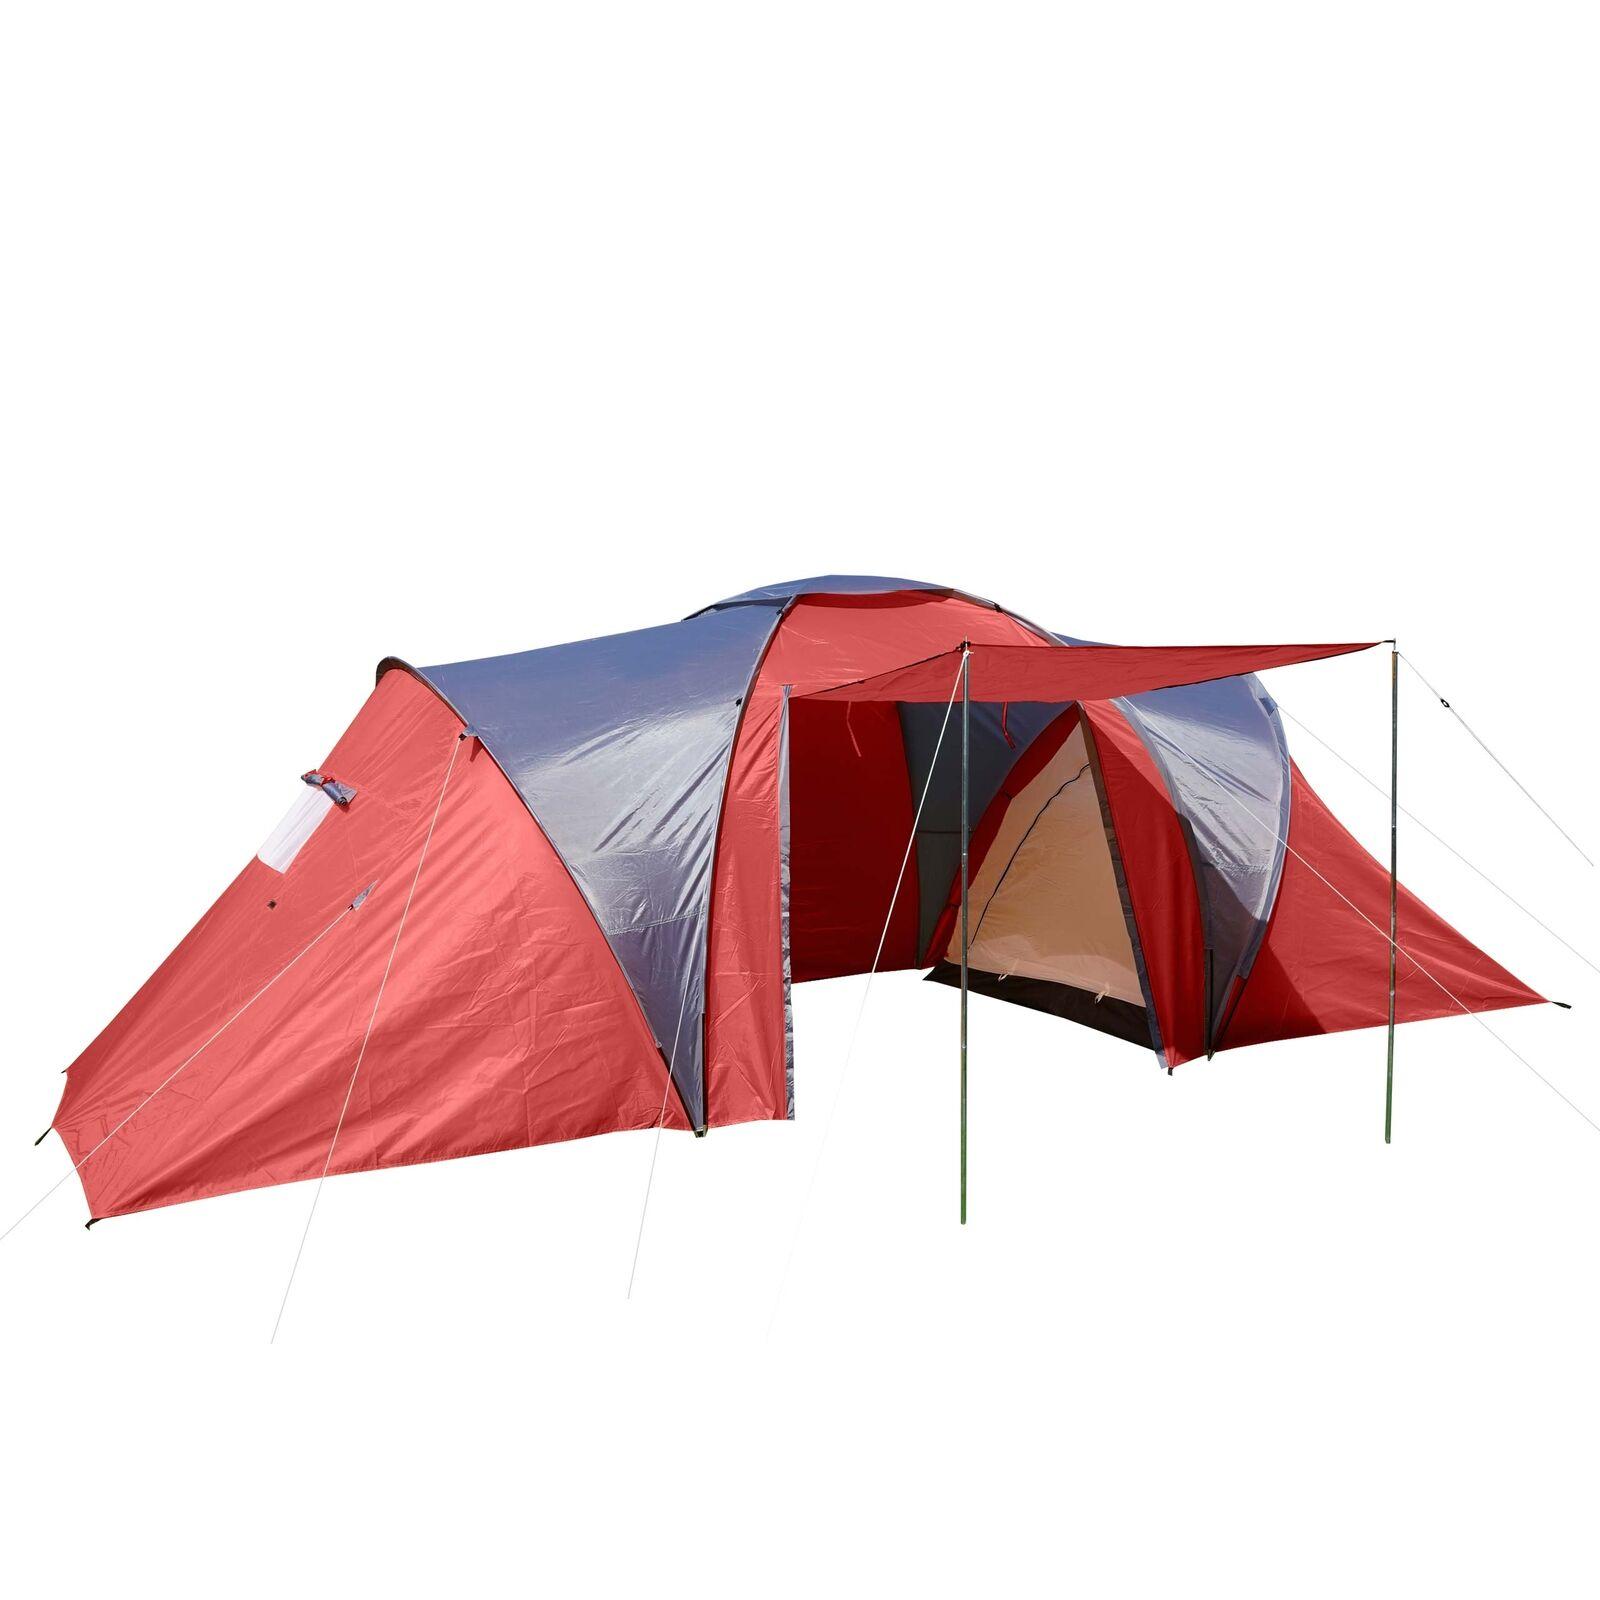 Campingzelt Laagri 4-Mann Kuppelzelt Igluzelt Festival-Zelt 4 Personen rot